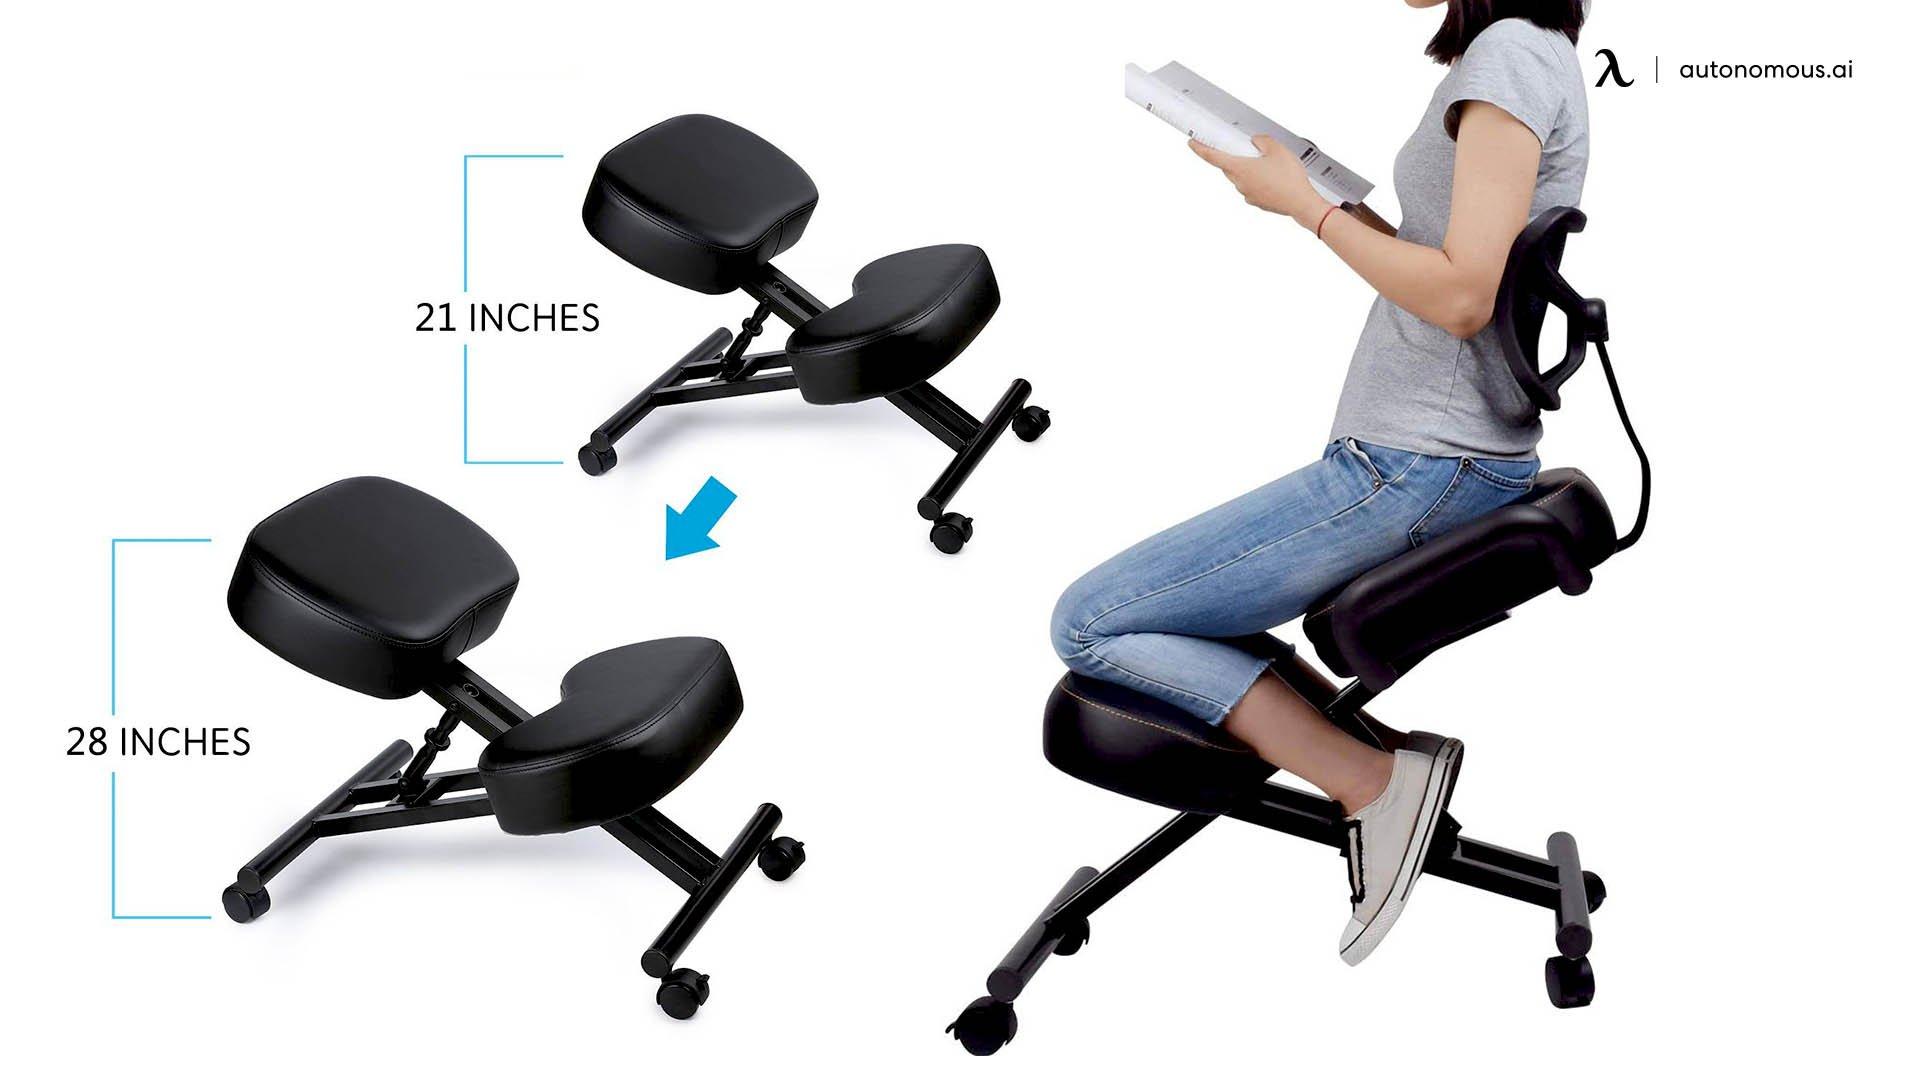 Dragonn Ergonomic Kneeling Chair